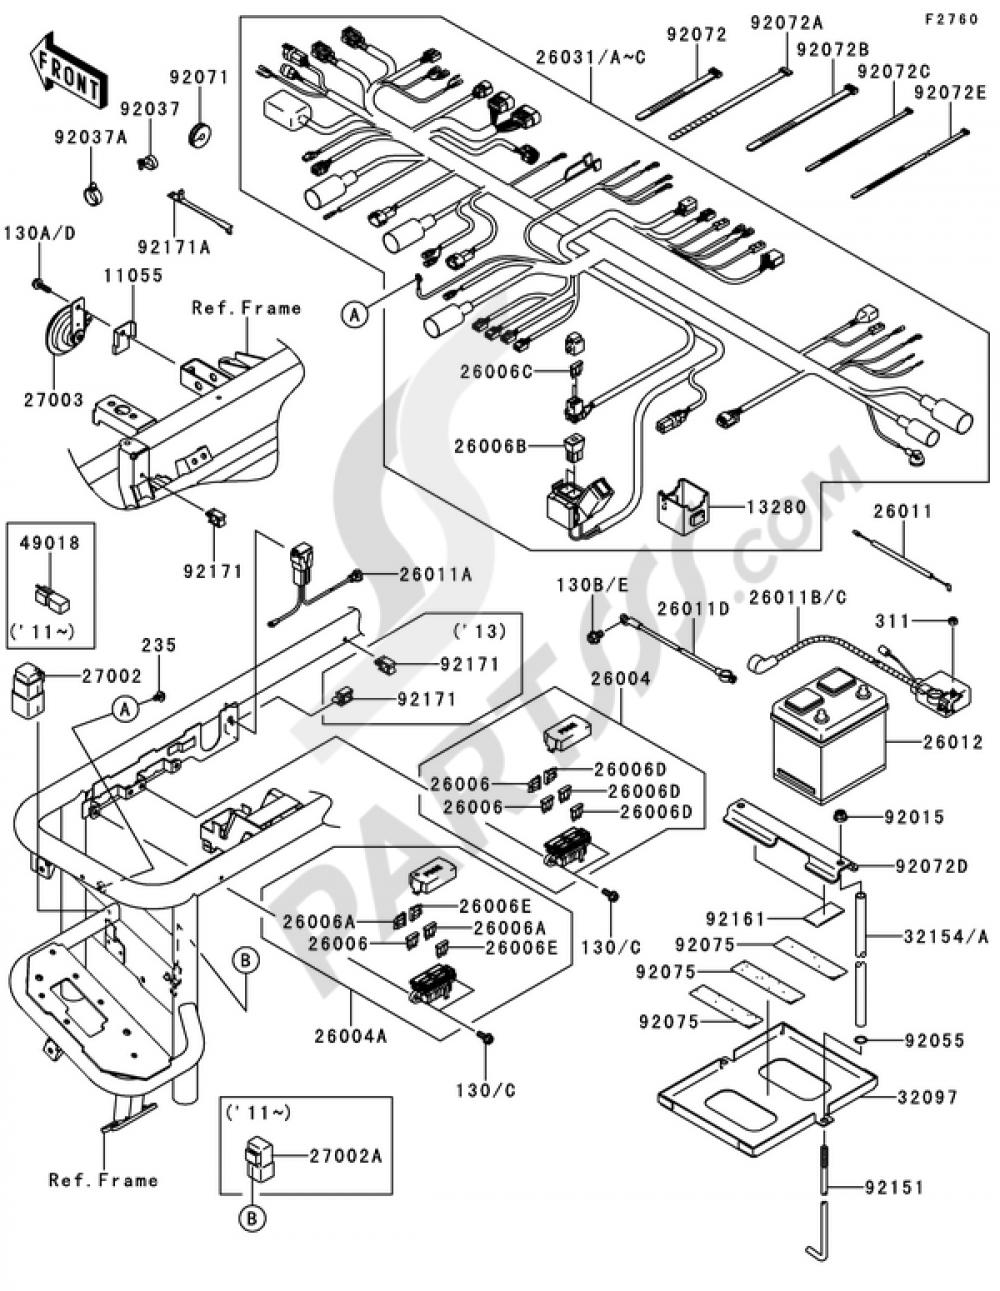 Kawasaki Mule 4010 Wiring Diagram : Fuel Evaporation